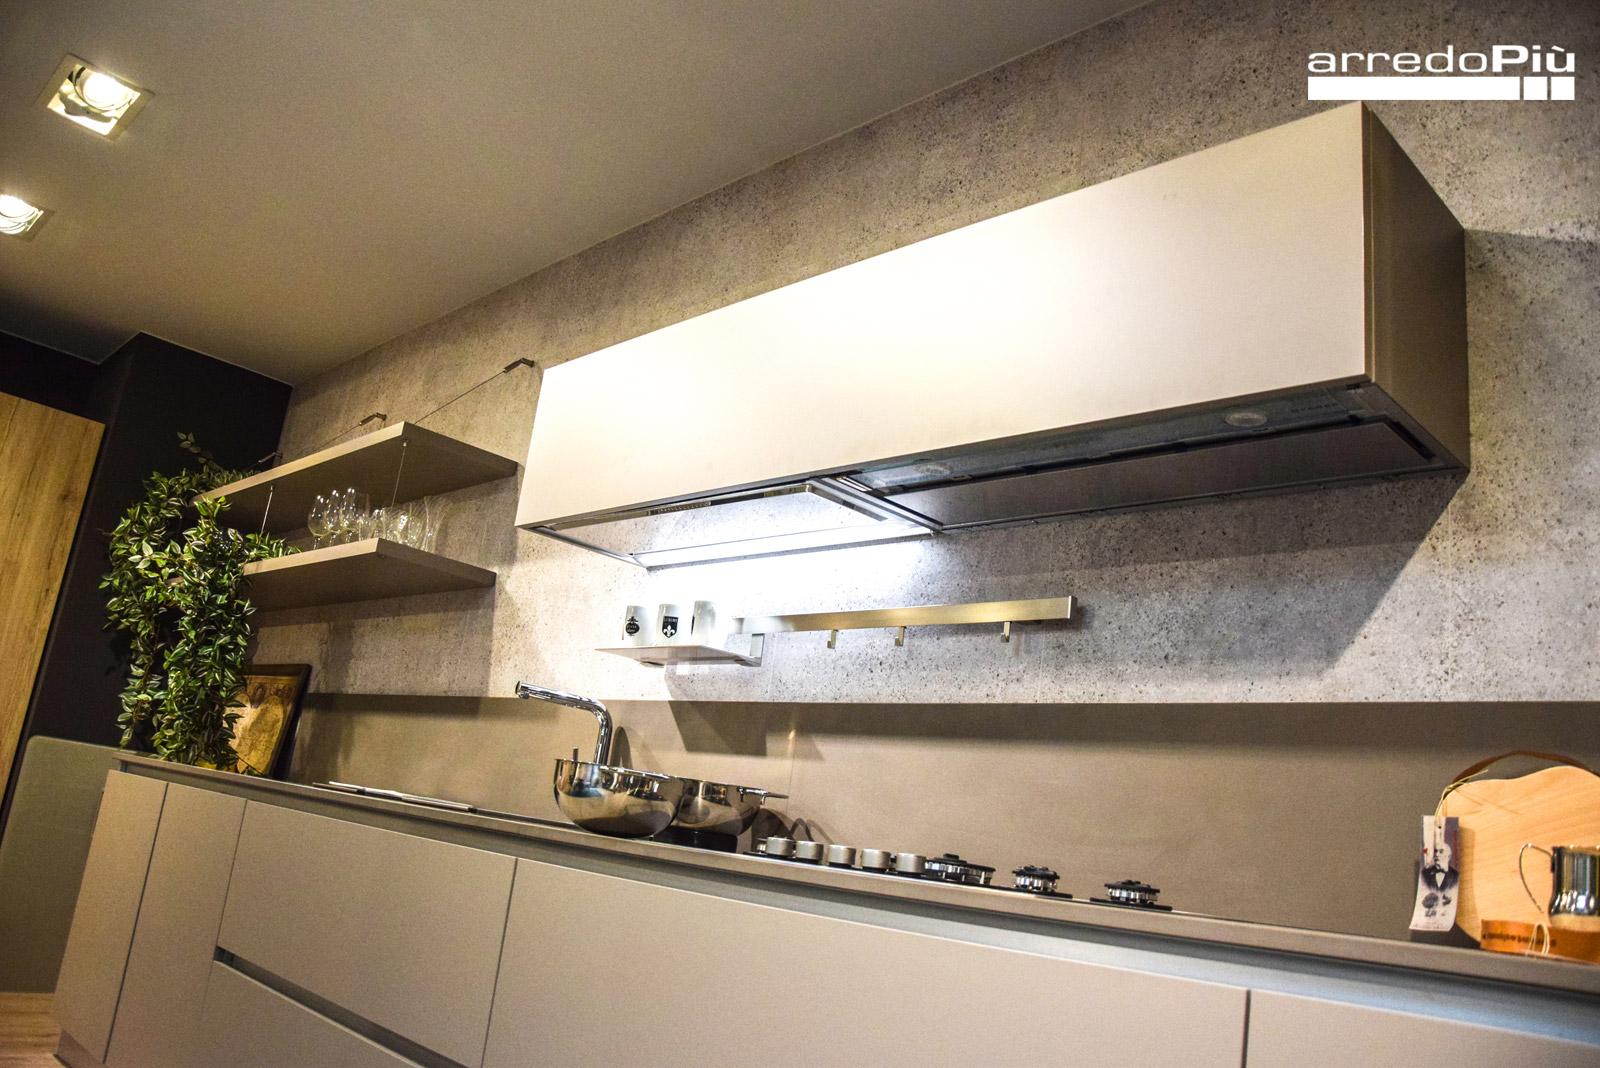 Cucina Scavolini LIBERAMENTE - Arredopiù Varese